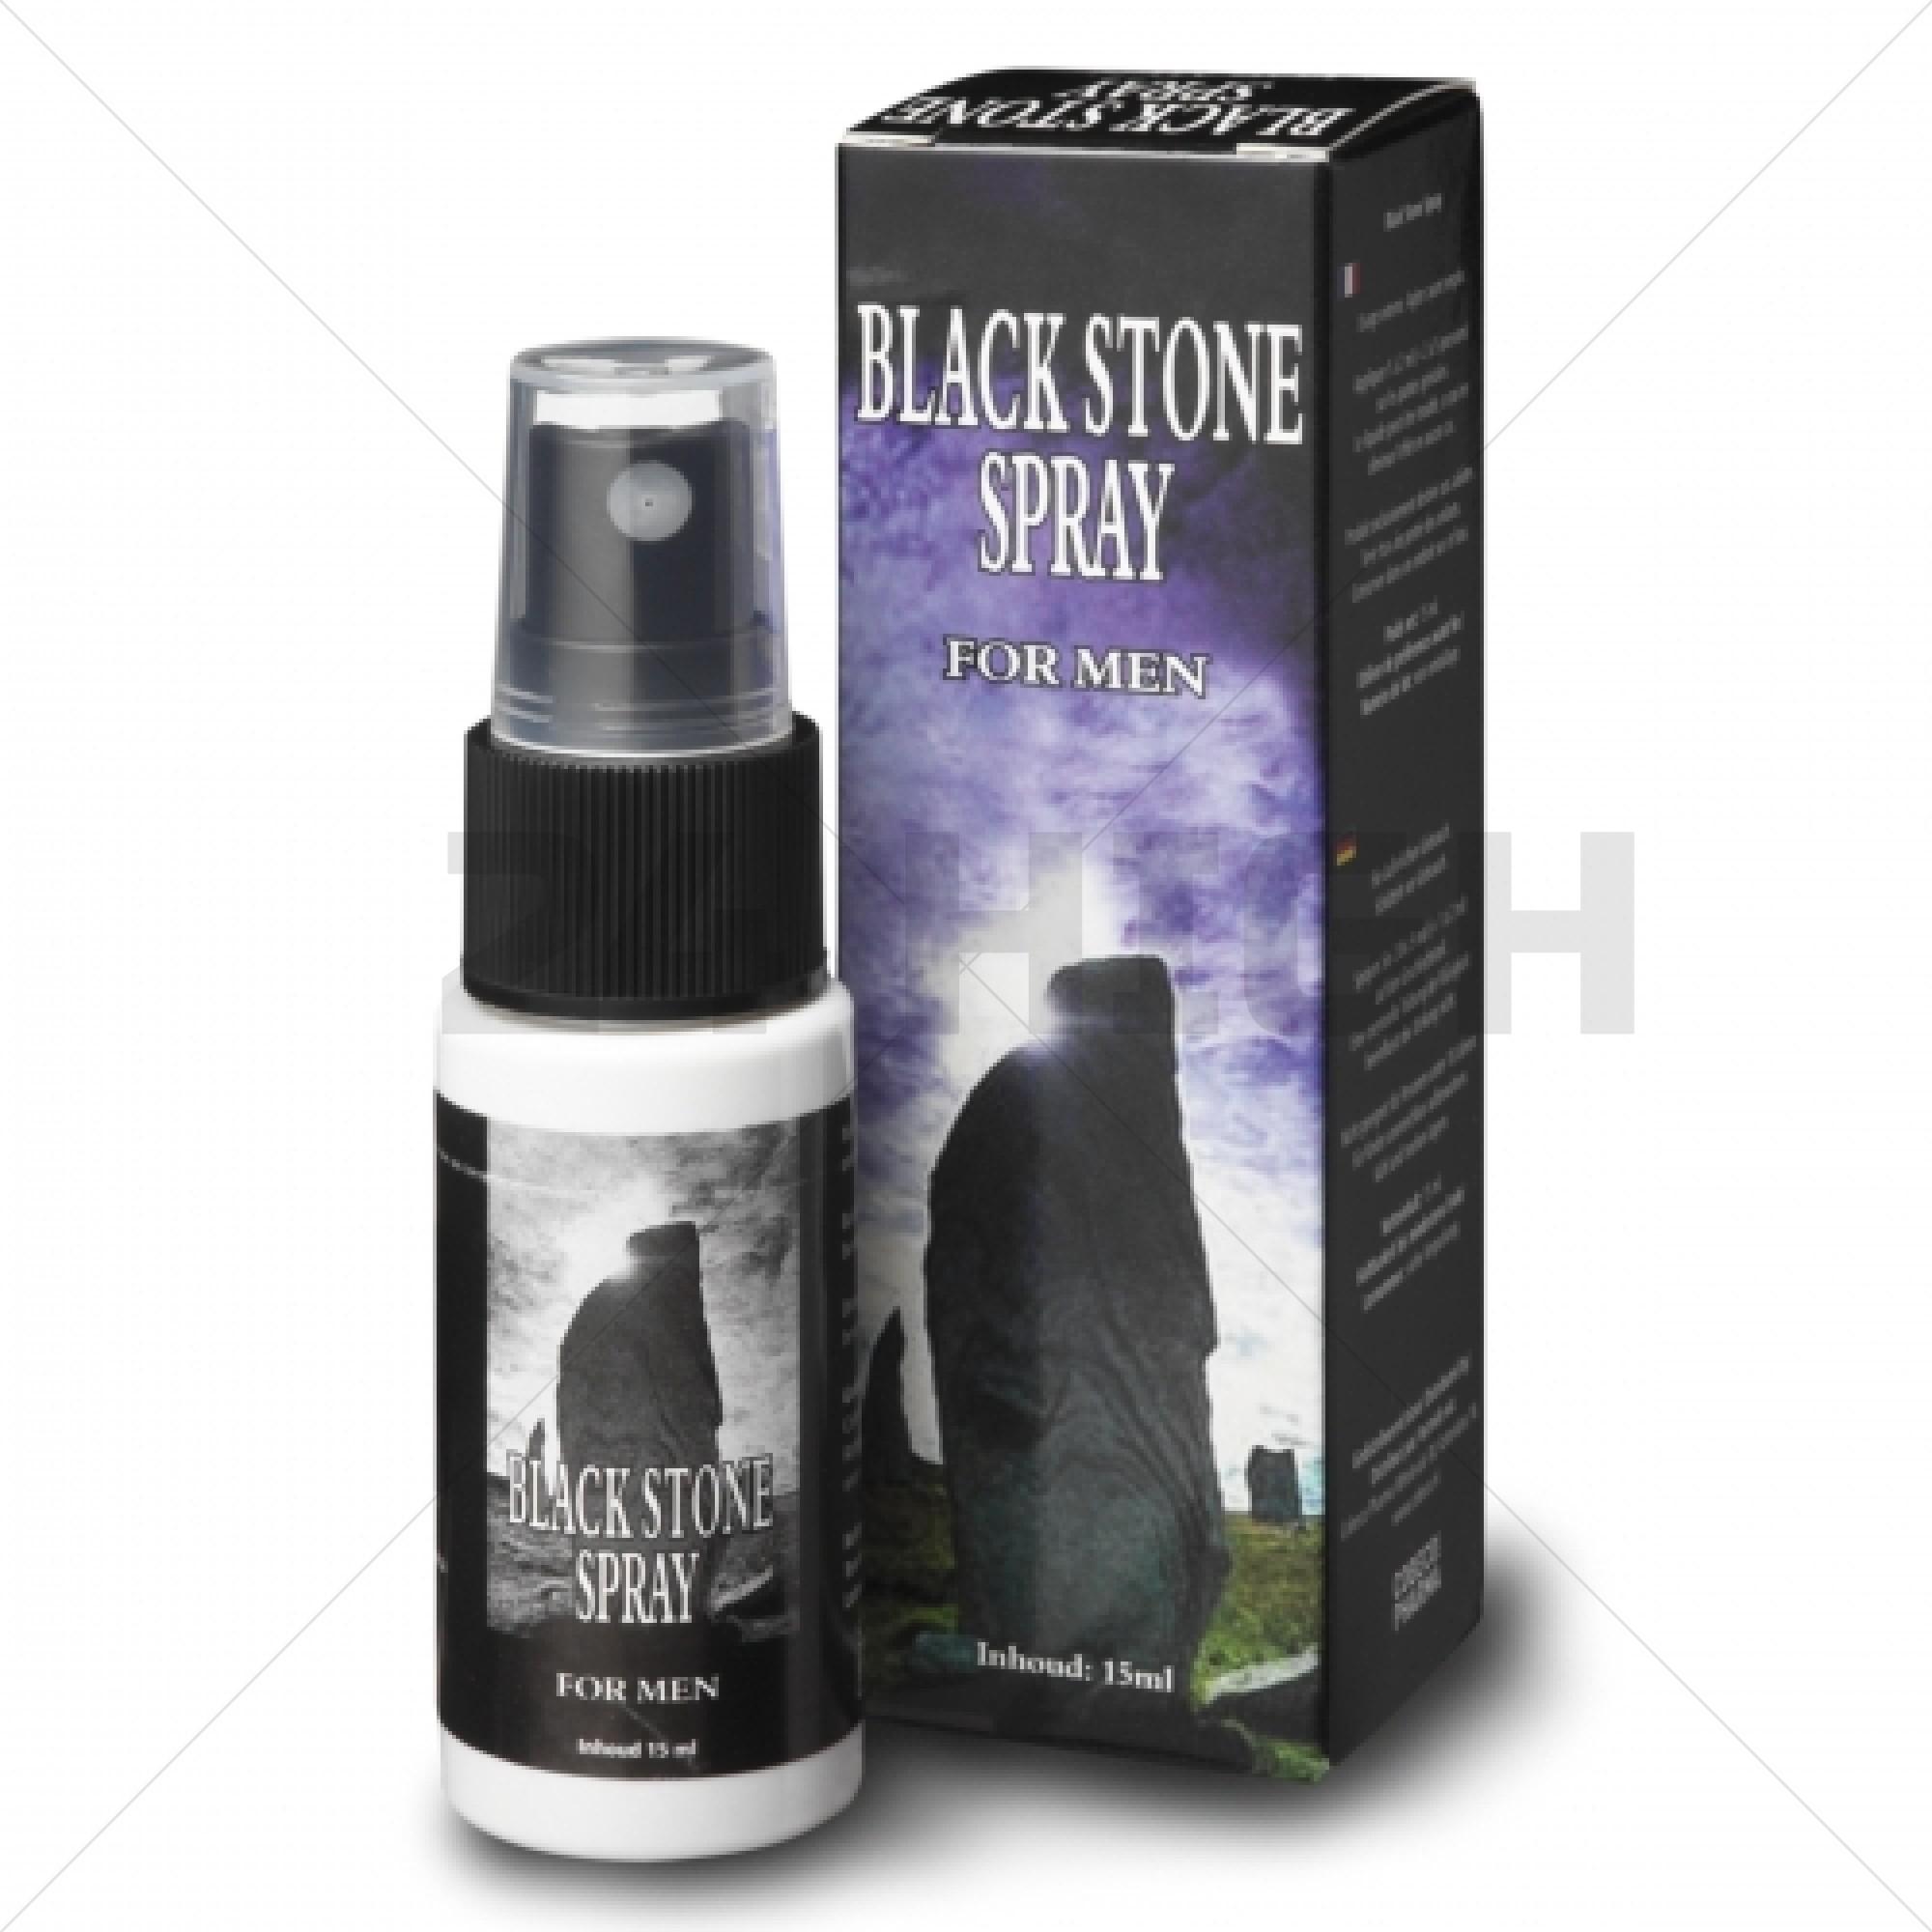 Black Stone Retrasa la eyaculación - 15 ml